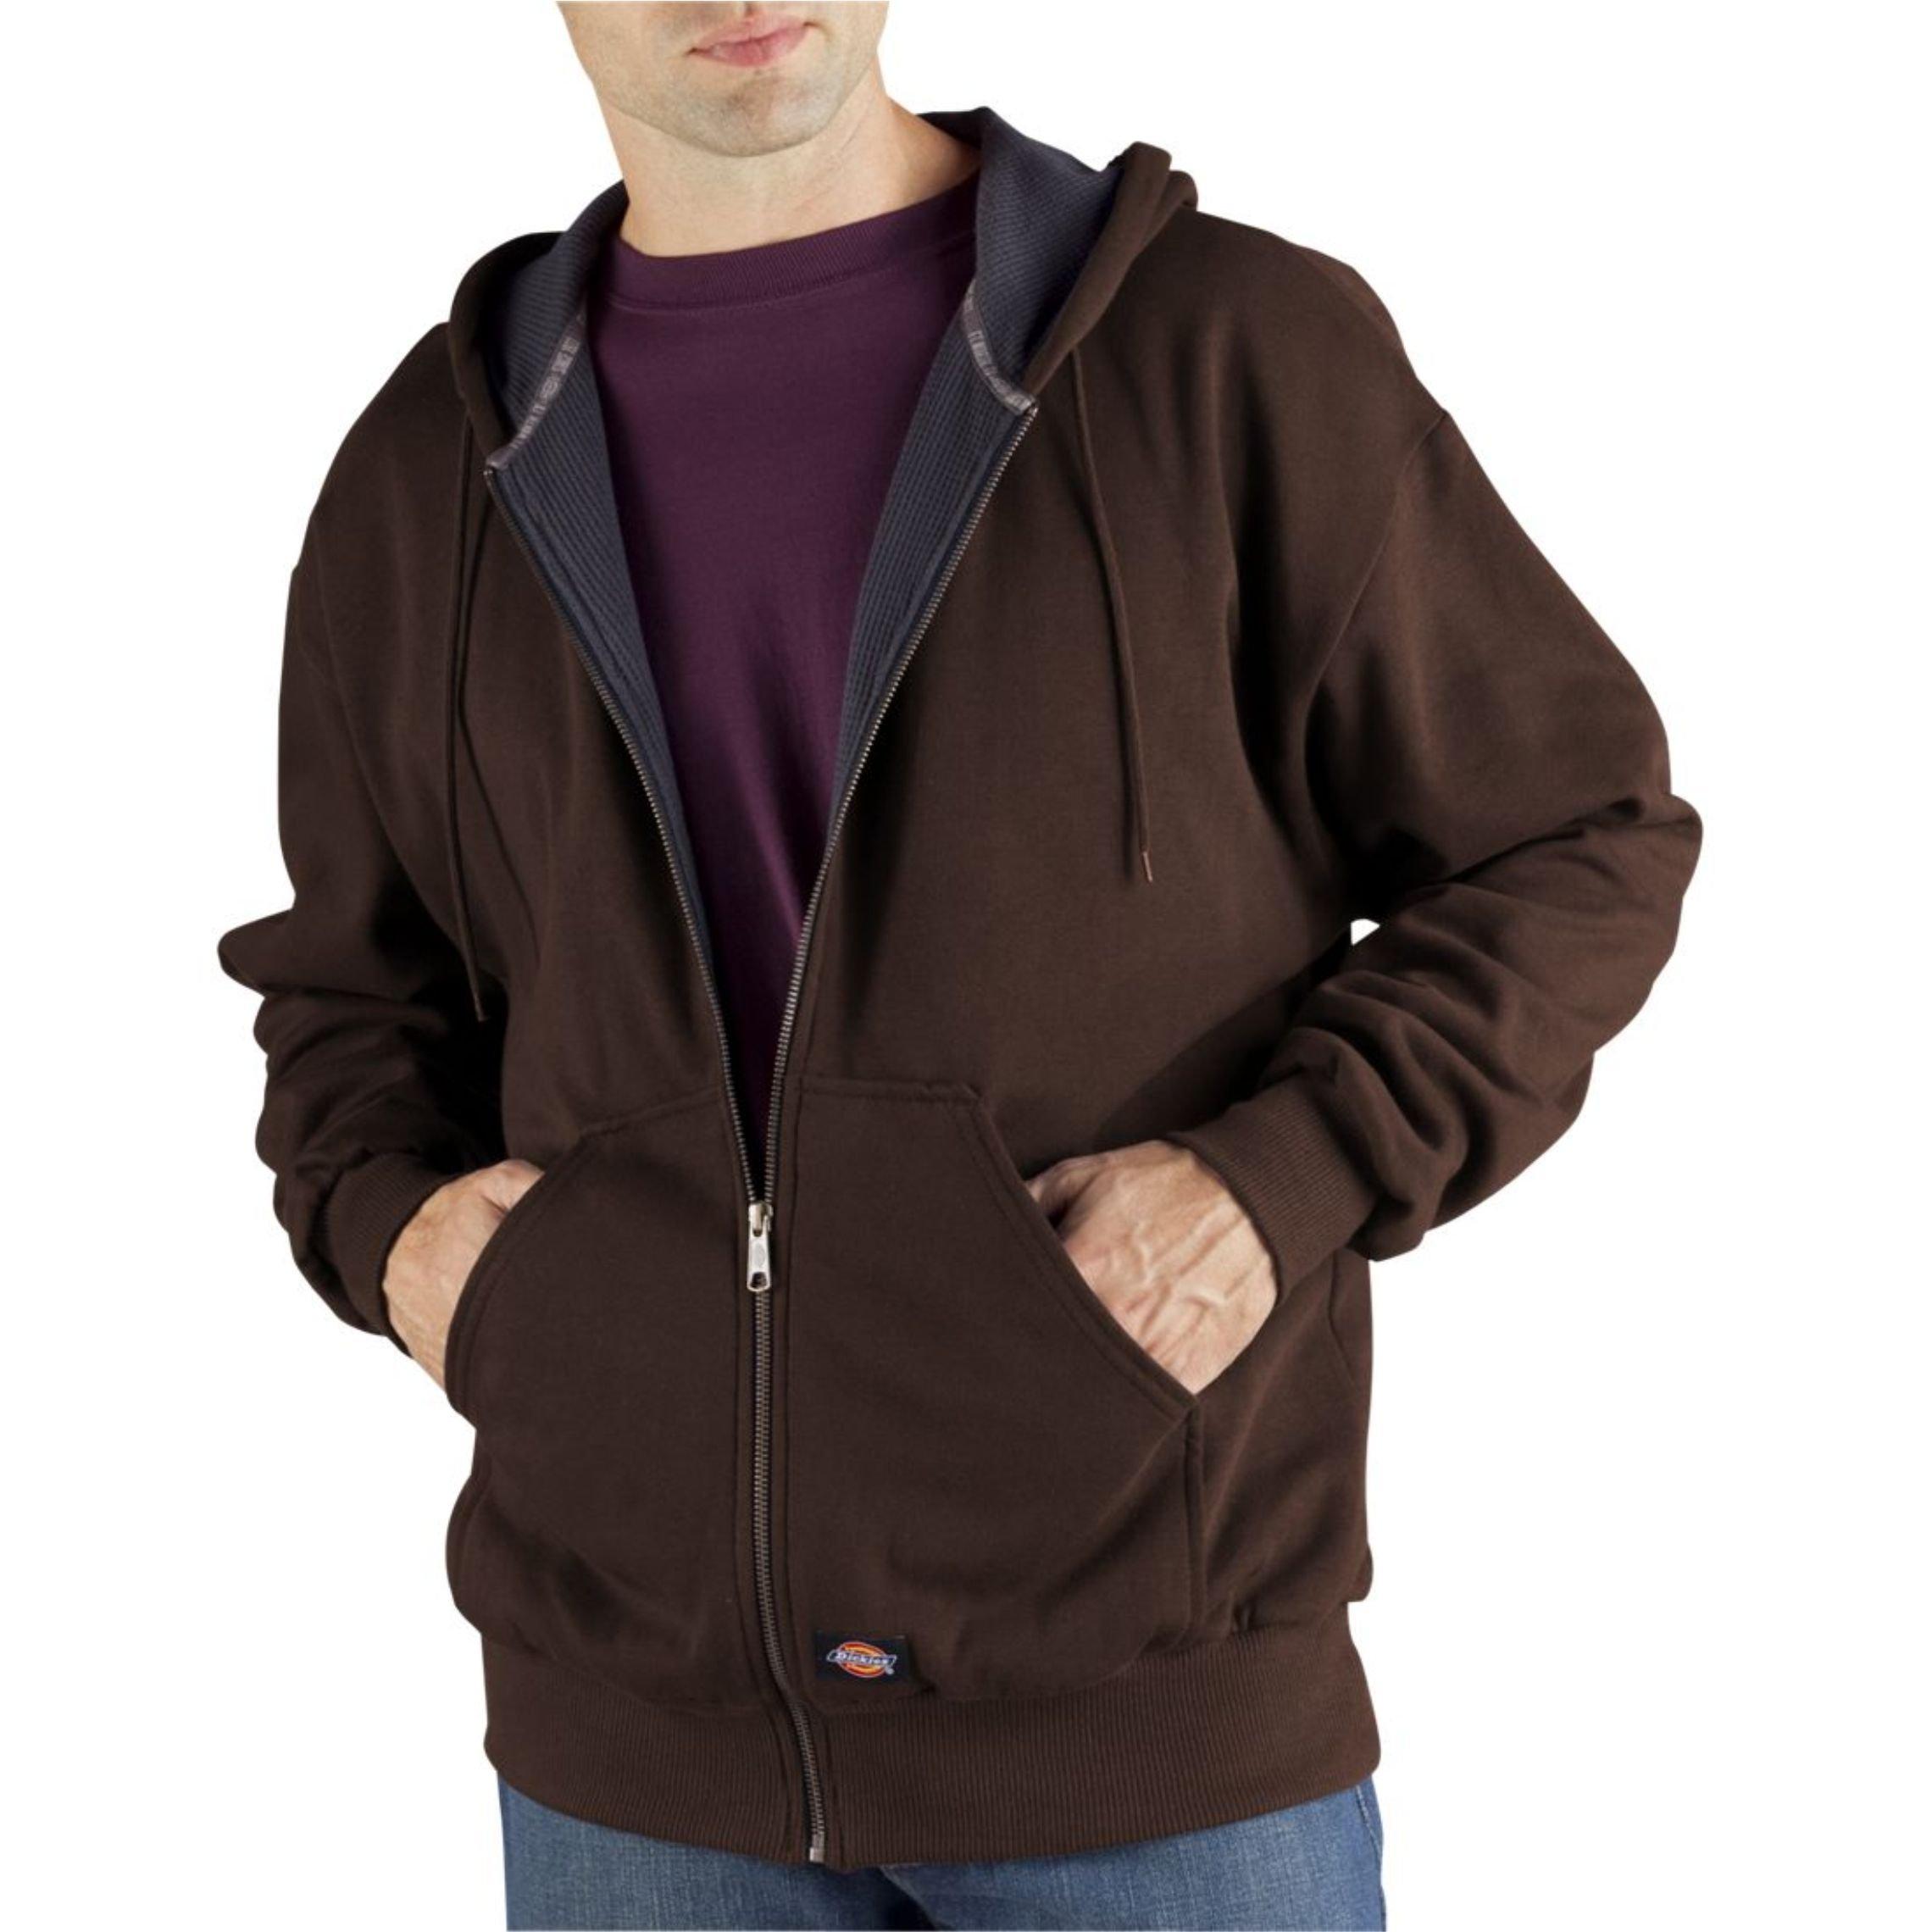 Dickies Men's Thermal Lined Fleece Jacket, Dark Brown, X-Large